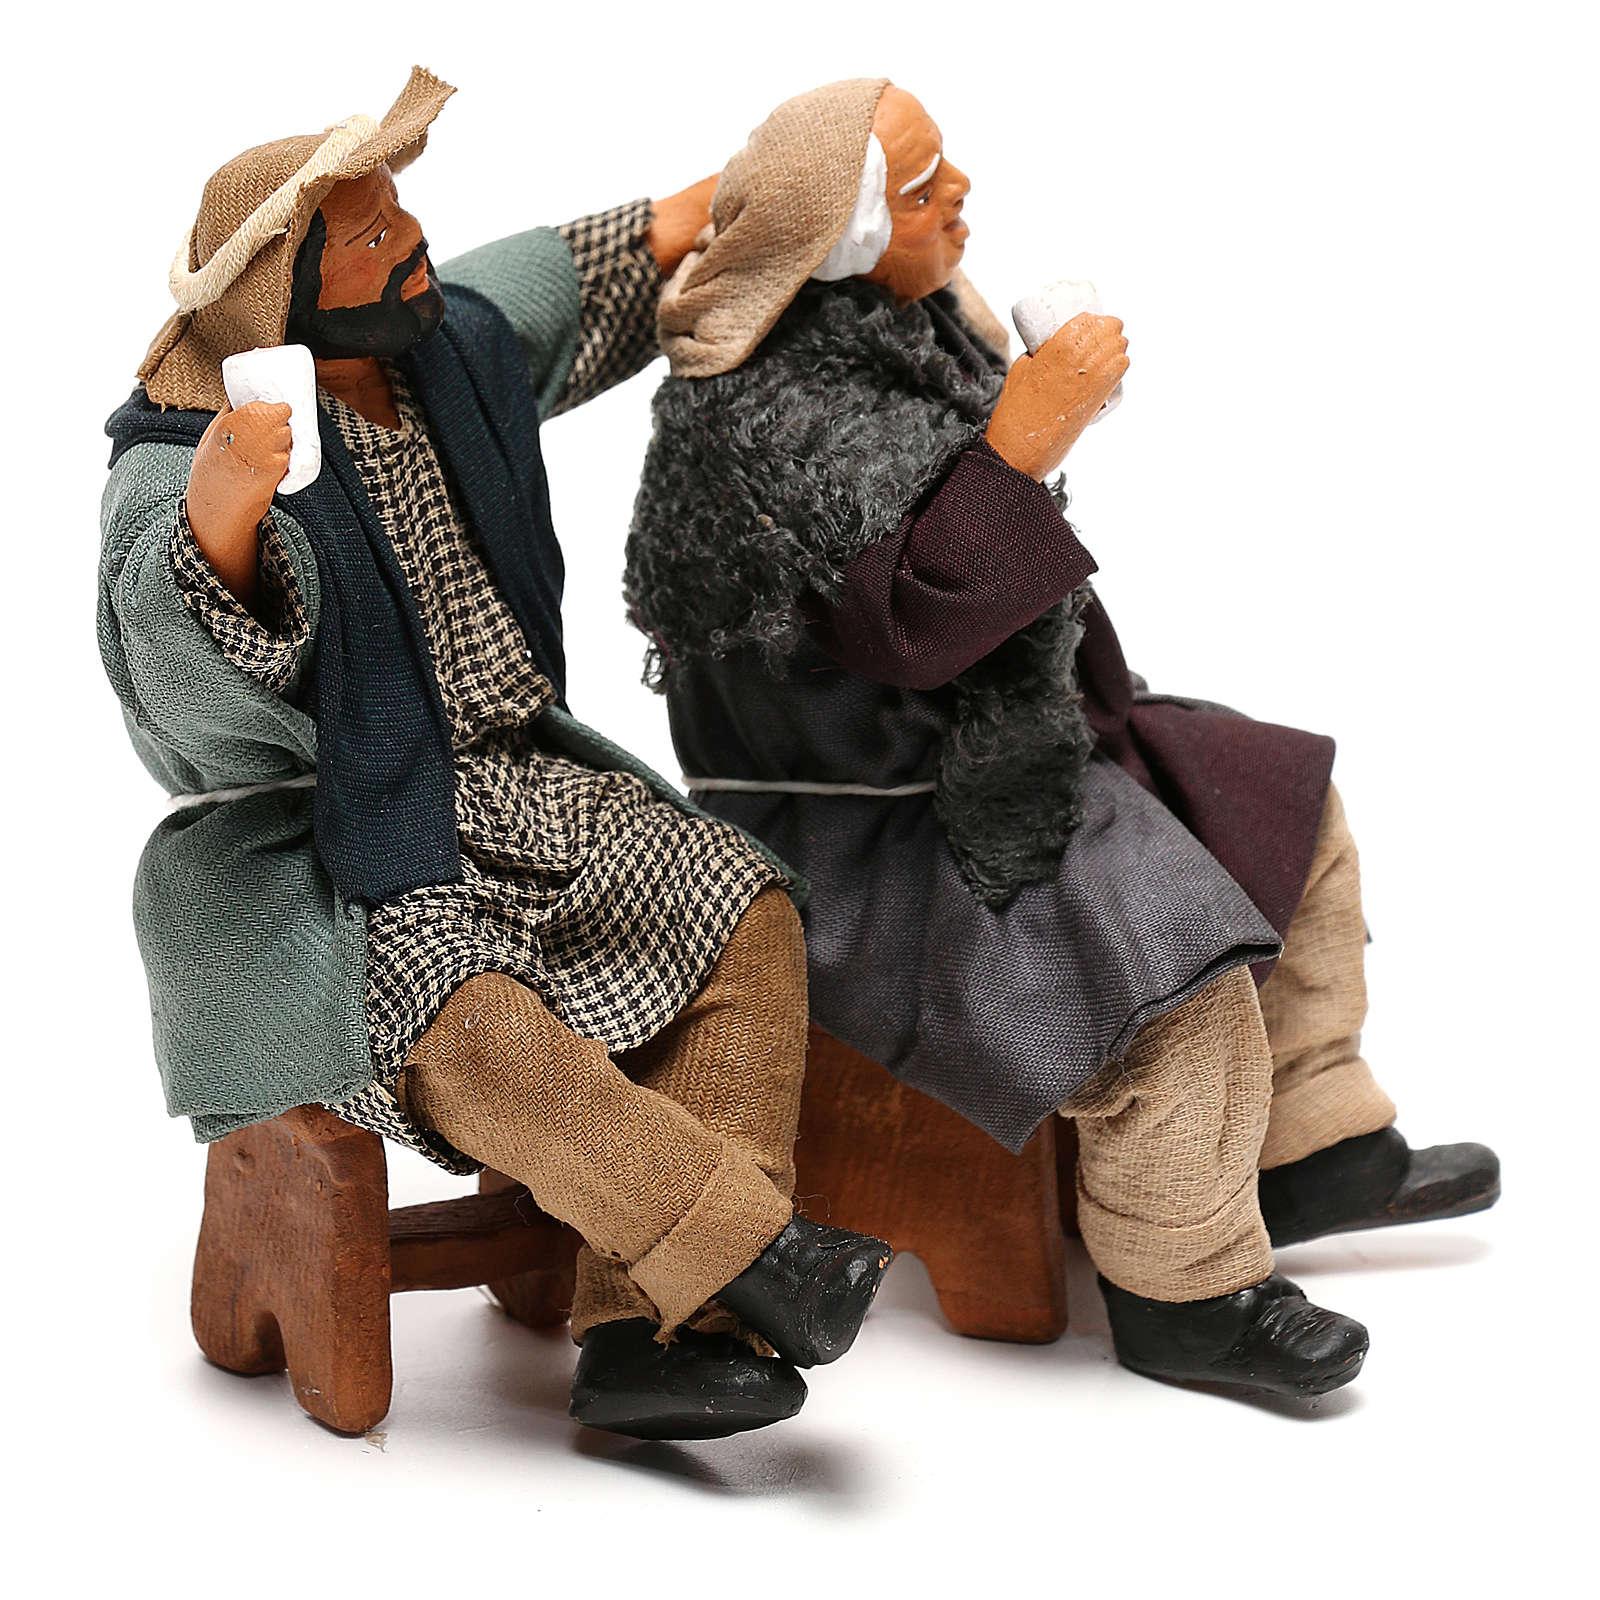 Drunk men on bench with glasses Neapolitan Nativity Scene 12 cm 4